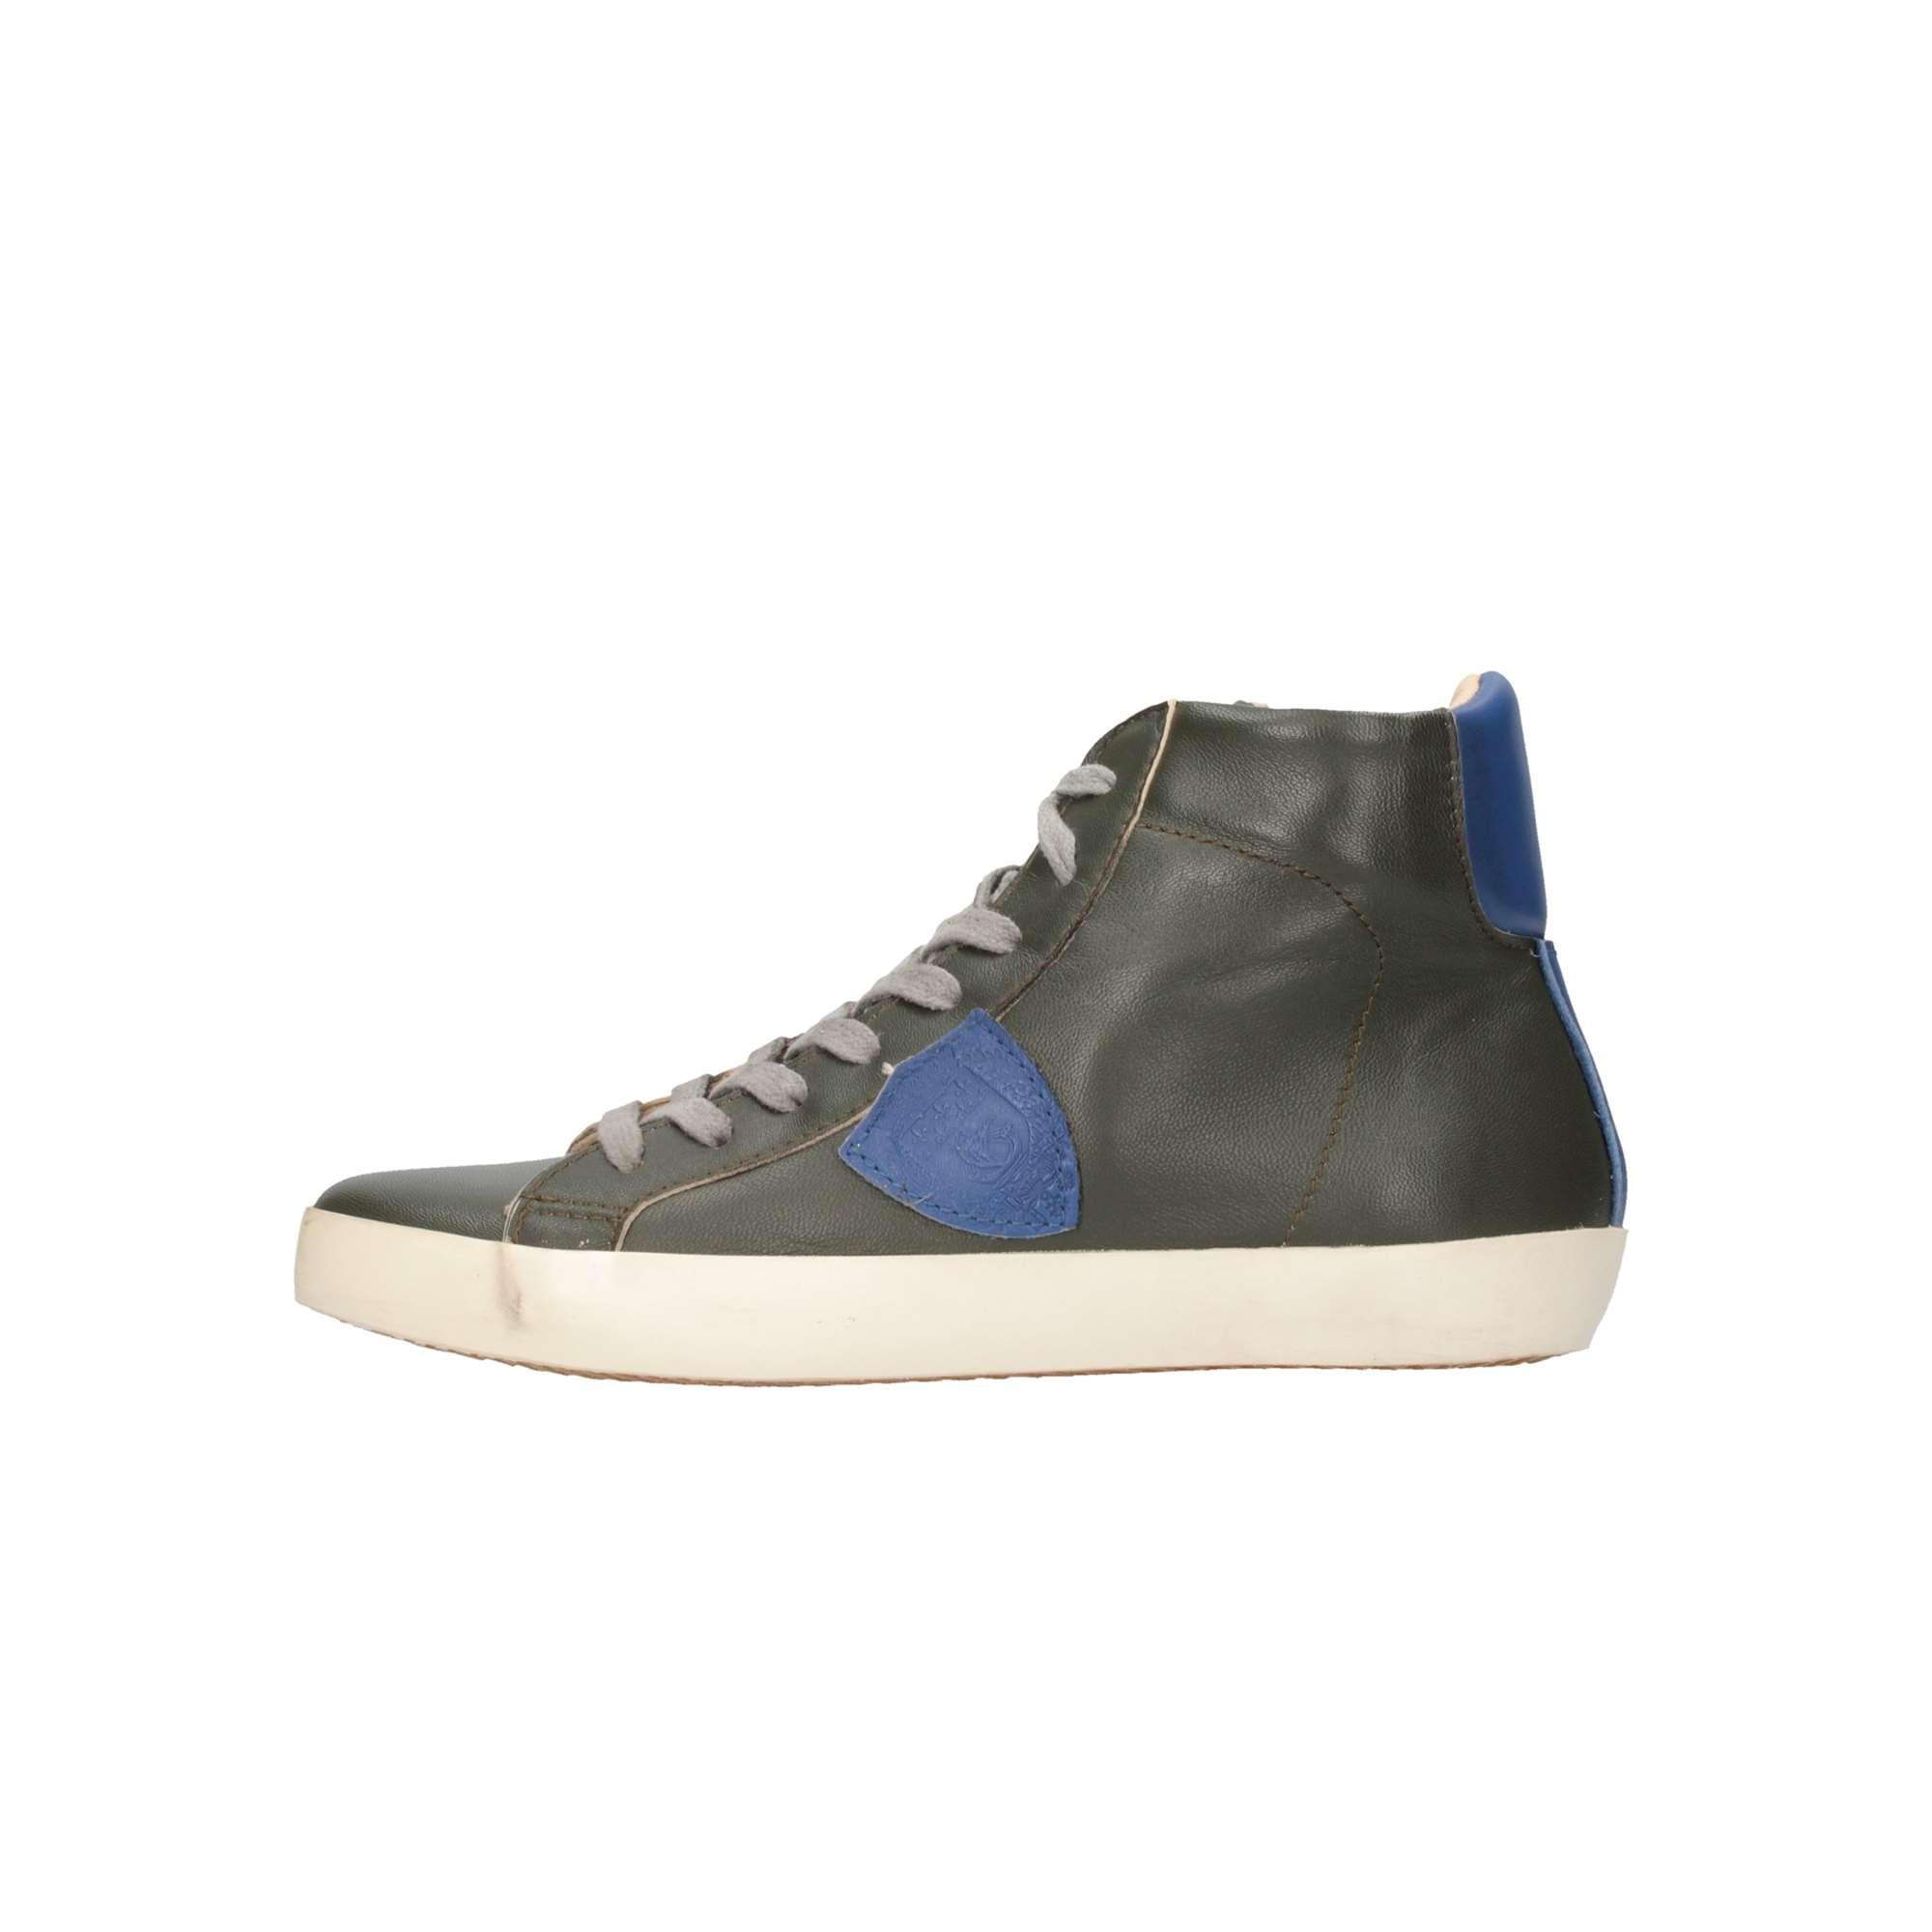 ... Philippe Model CLH0-V28C Olive blu Scarpe Bambino ... 7c3252a64c6